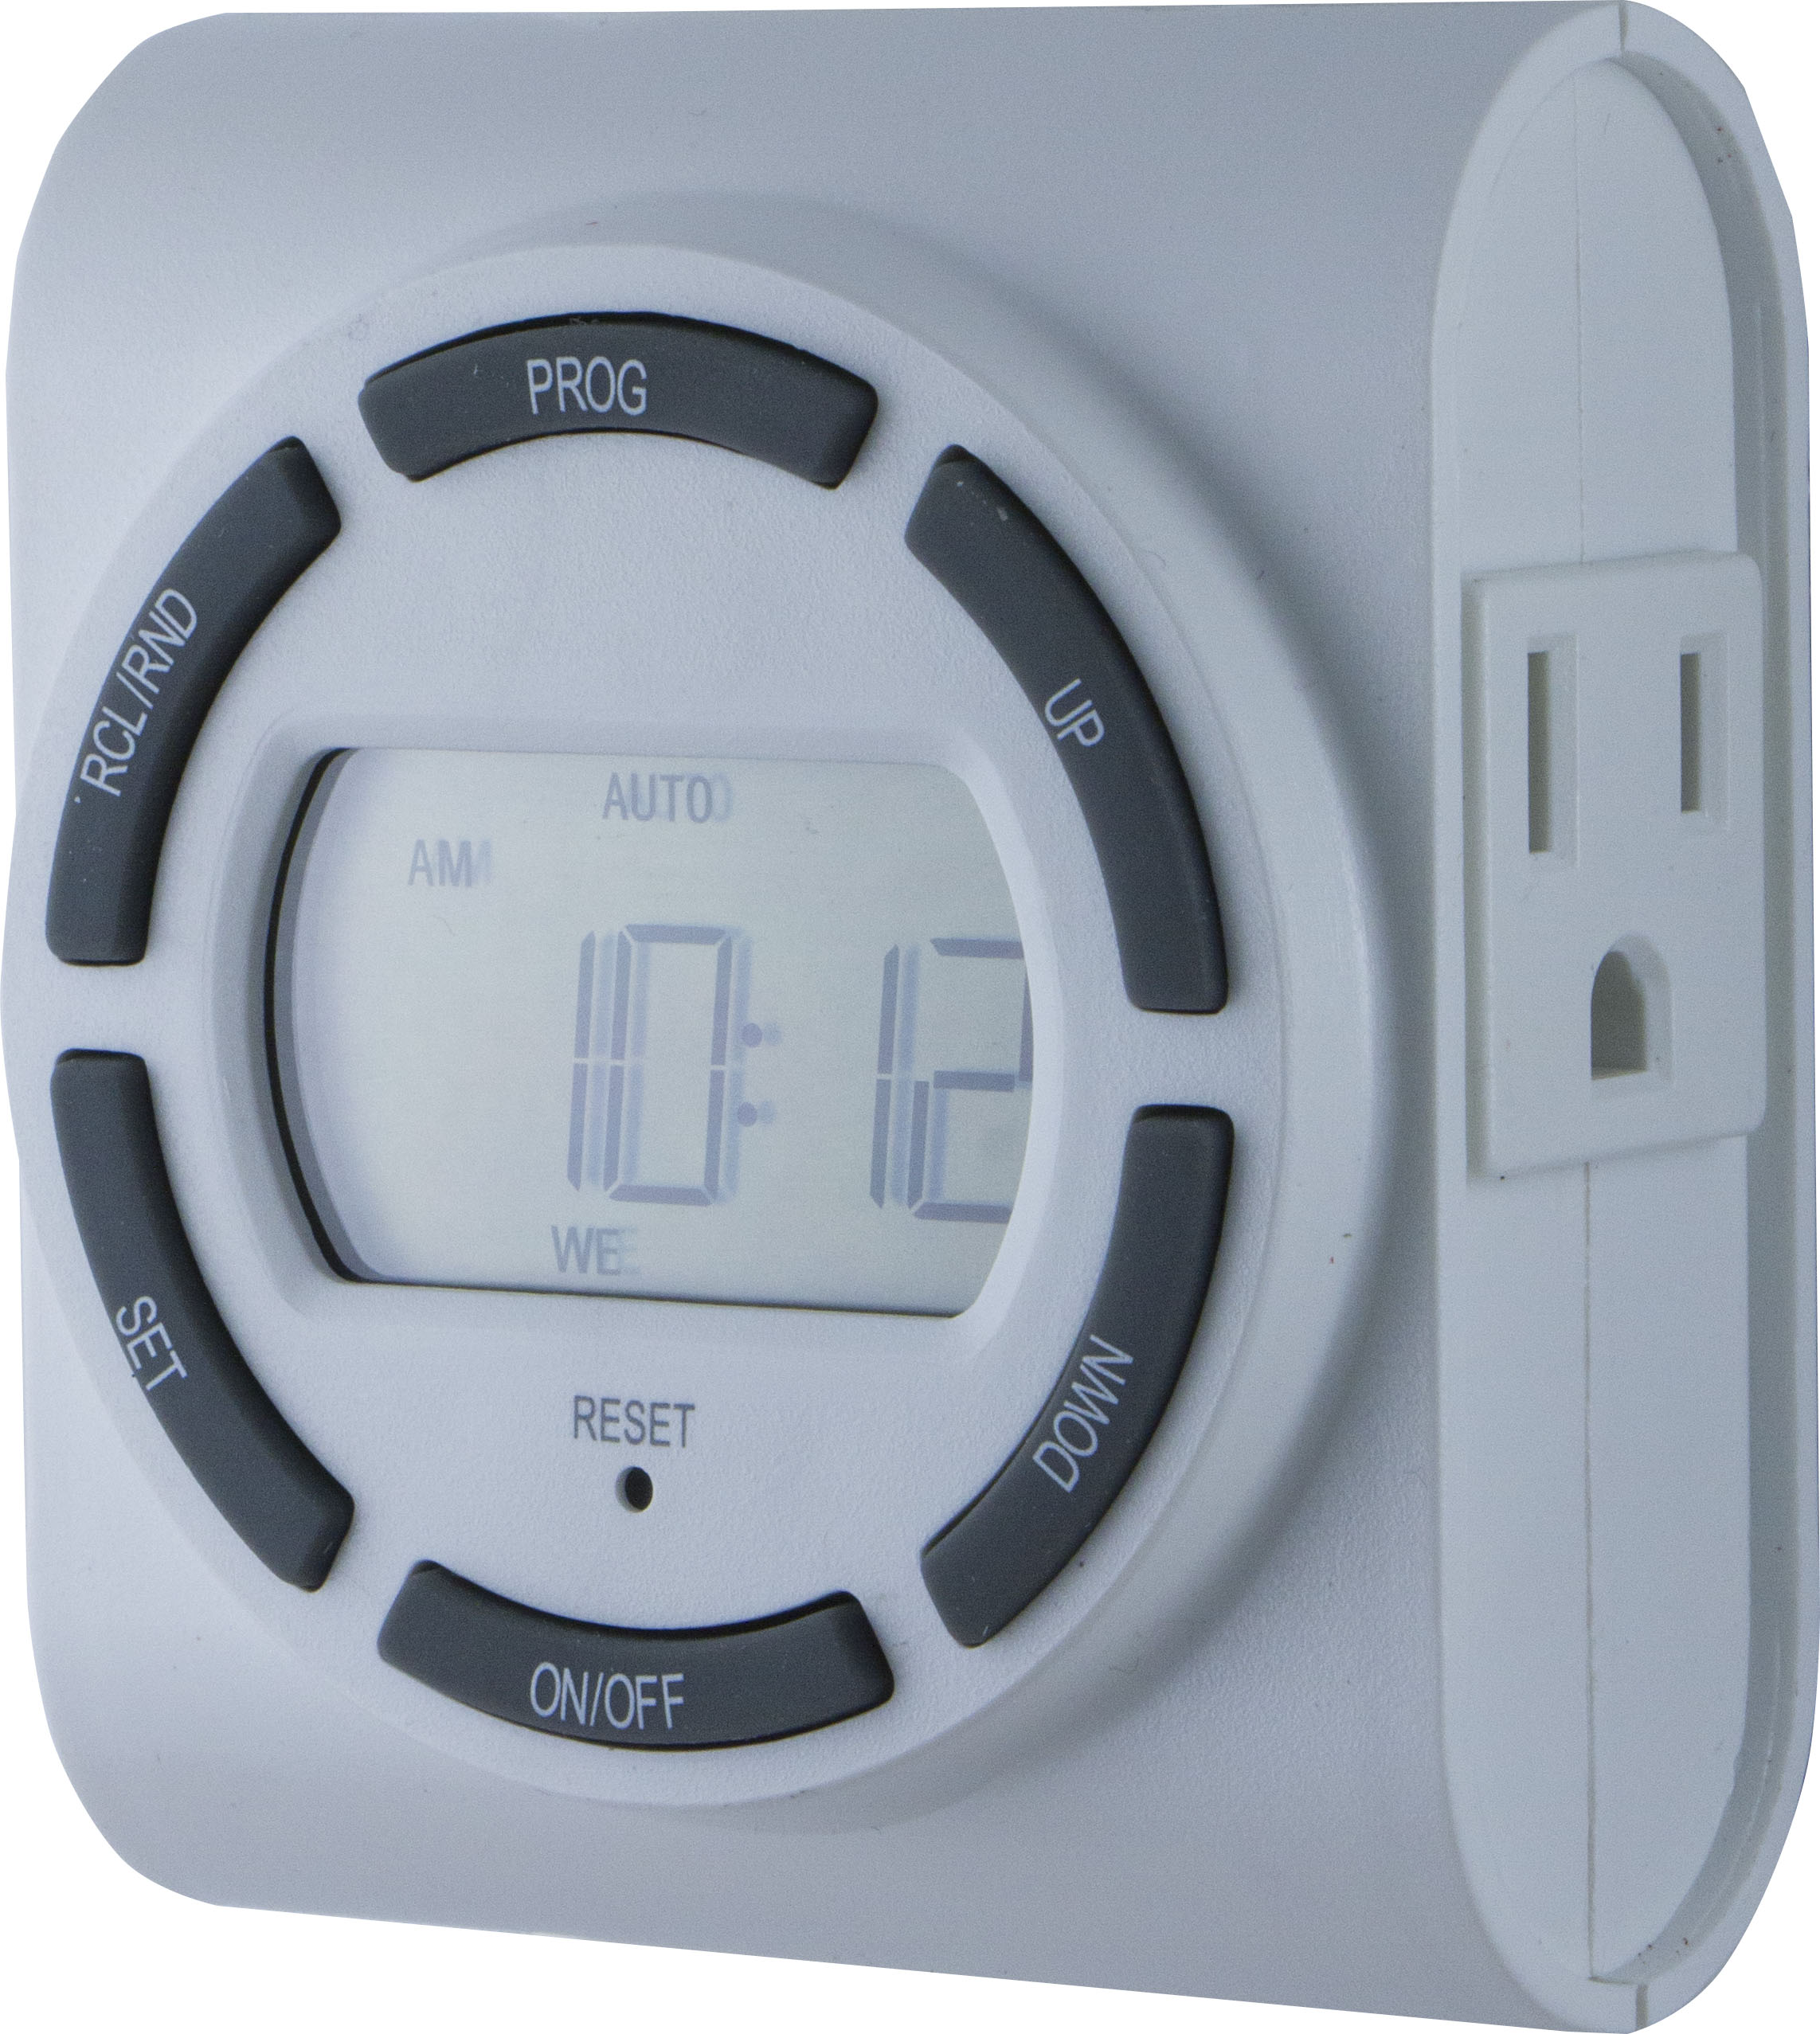 GE SunSmart 7-Day Indoor Plug-In Programmable Timer, 2-Outlet, Large Display, 15079